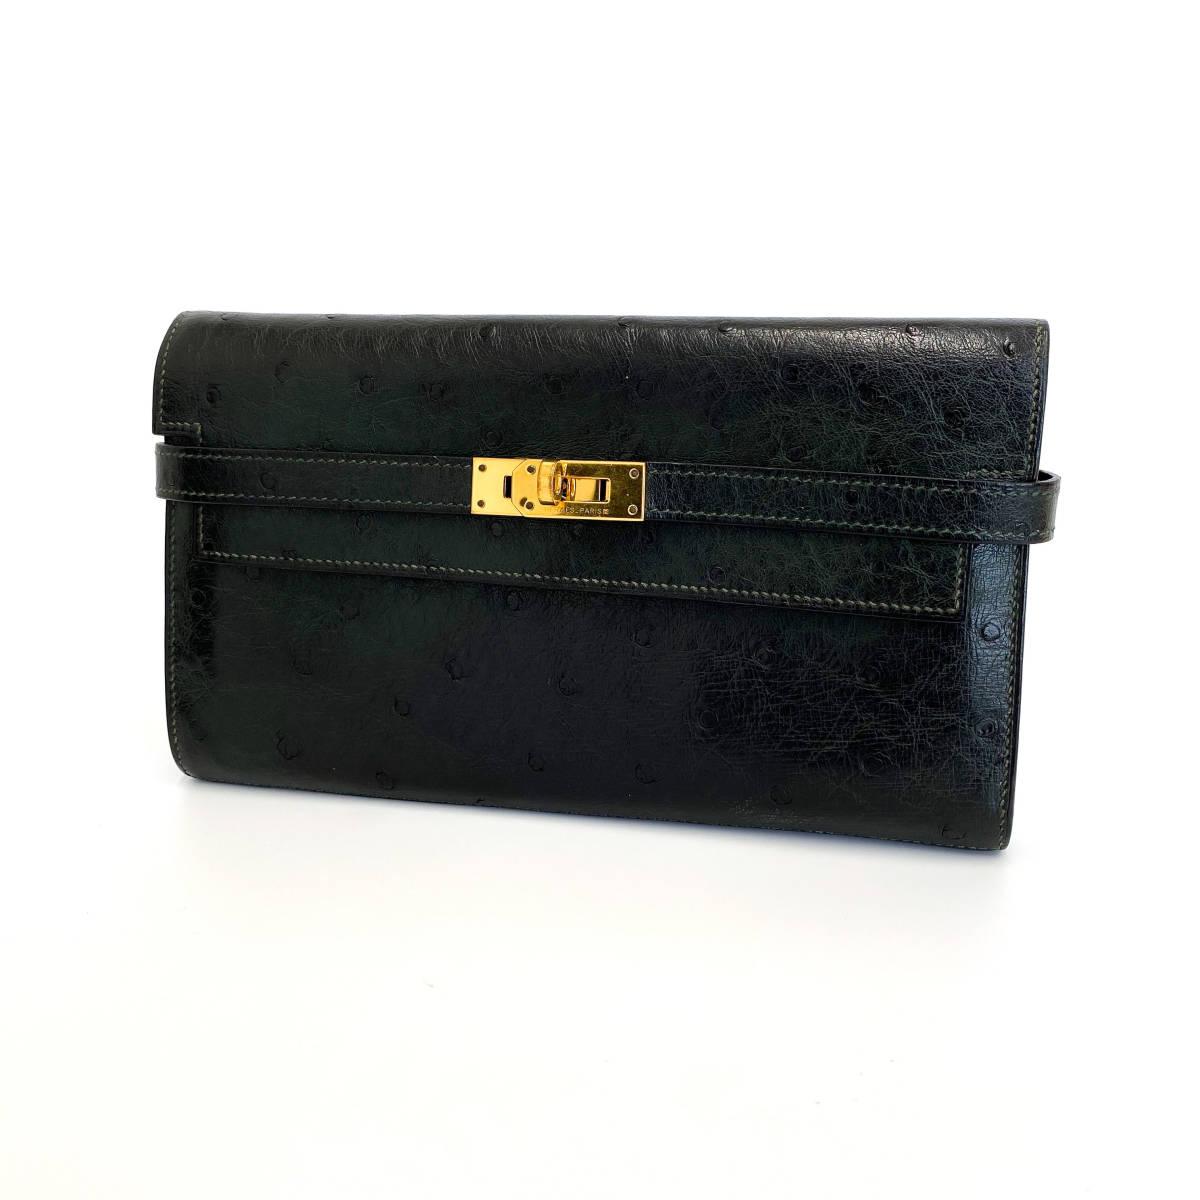 【117】 美品 エルメス オーストリッチ ケリーロングウォレット 長財布 グリーン系 A刻印 G金具